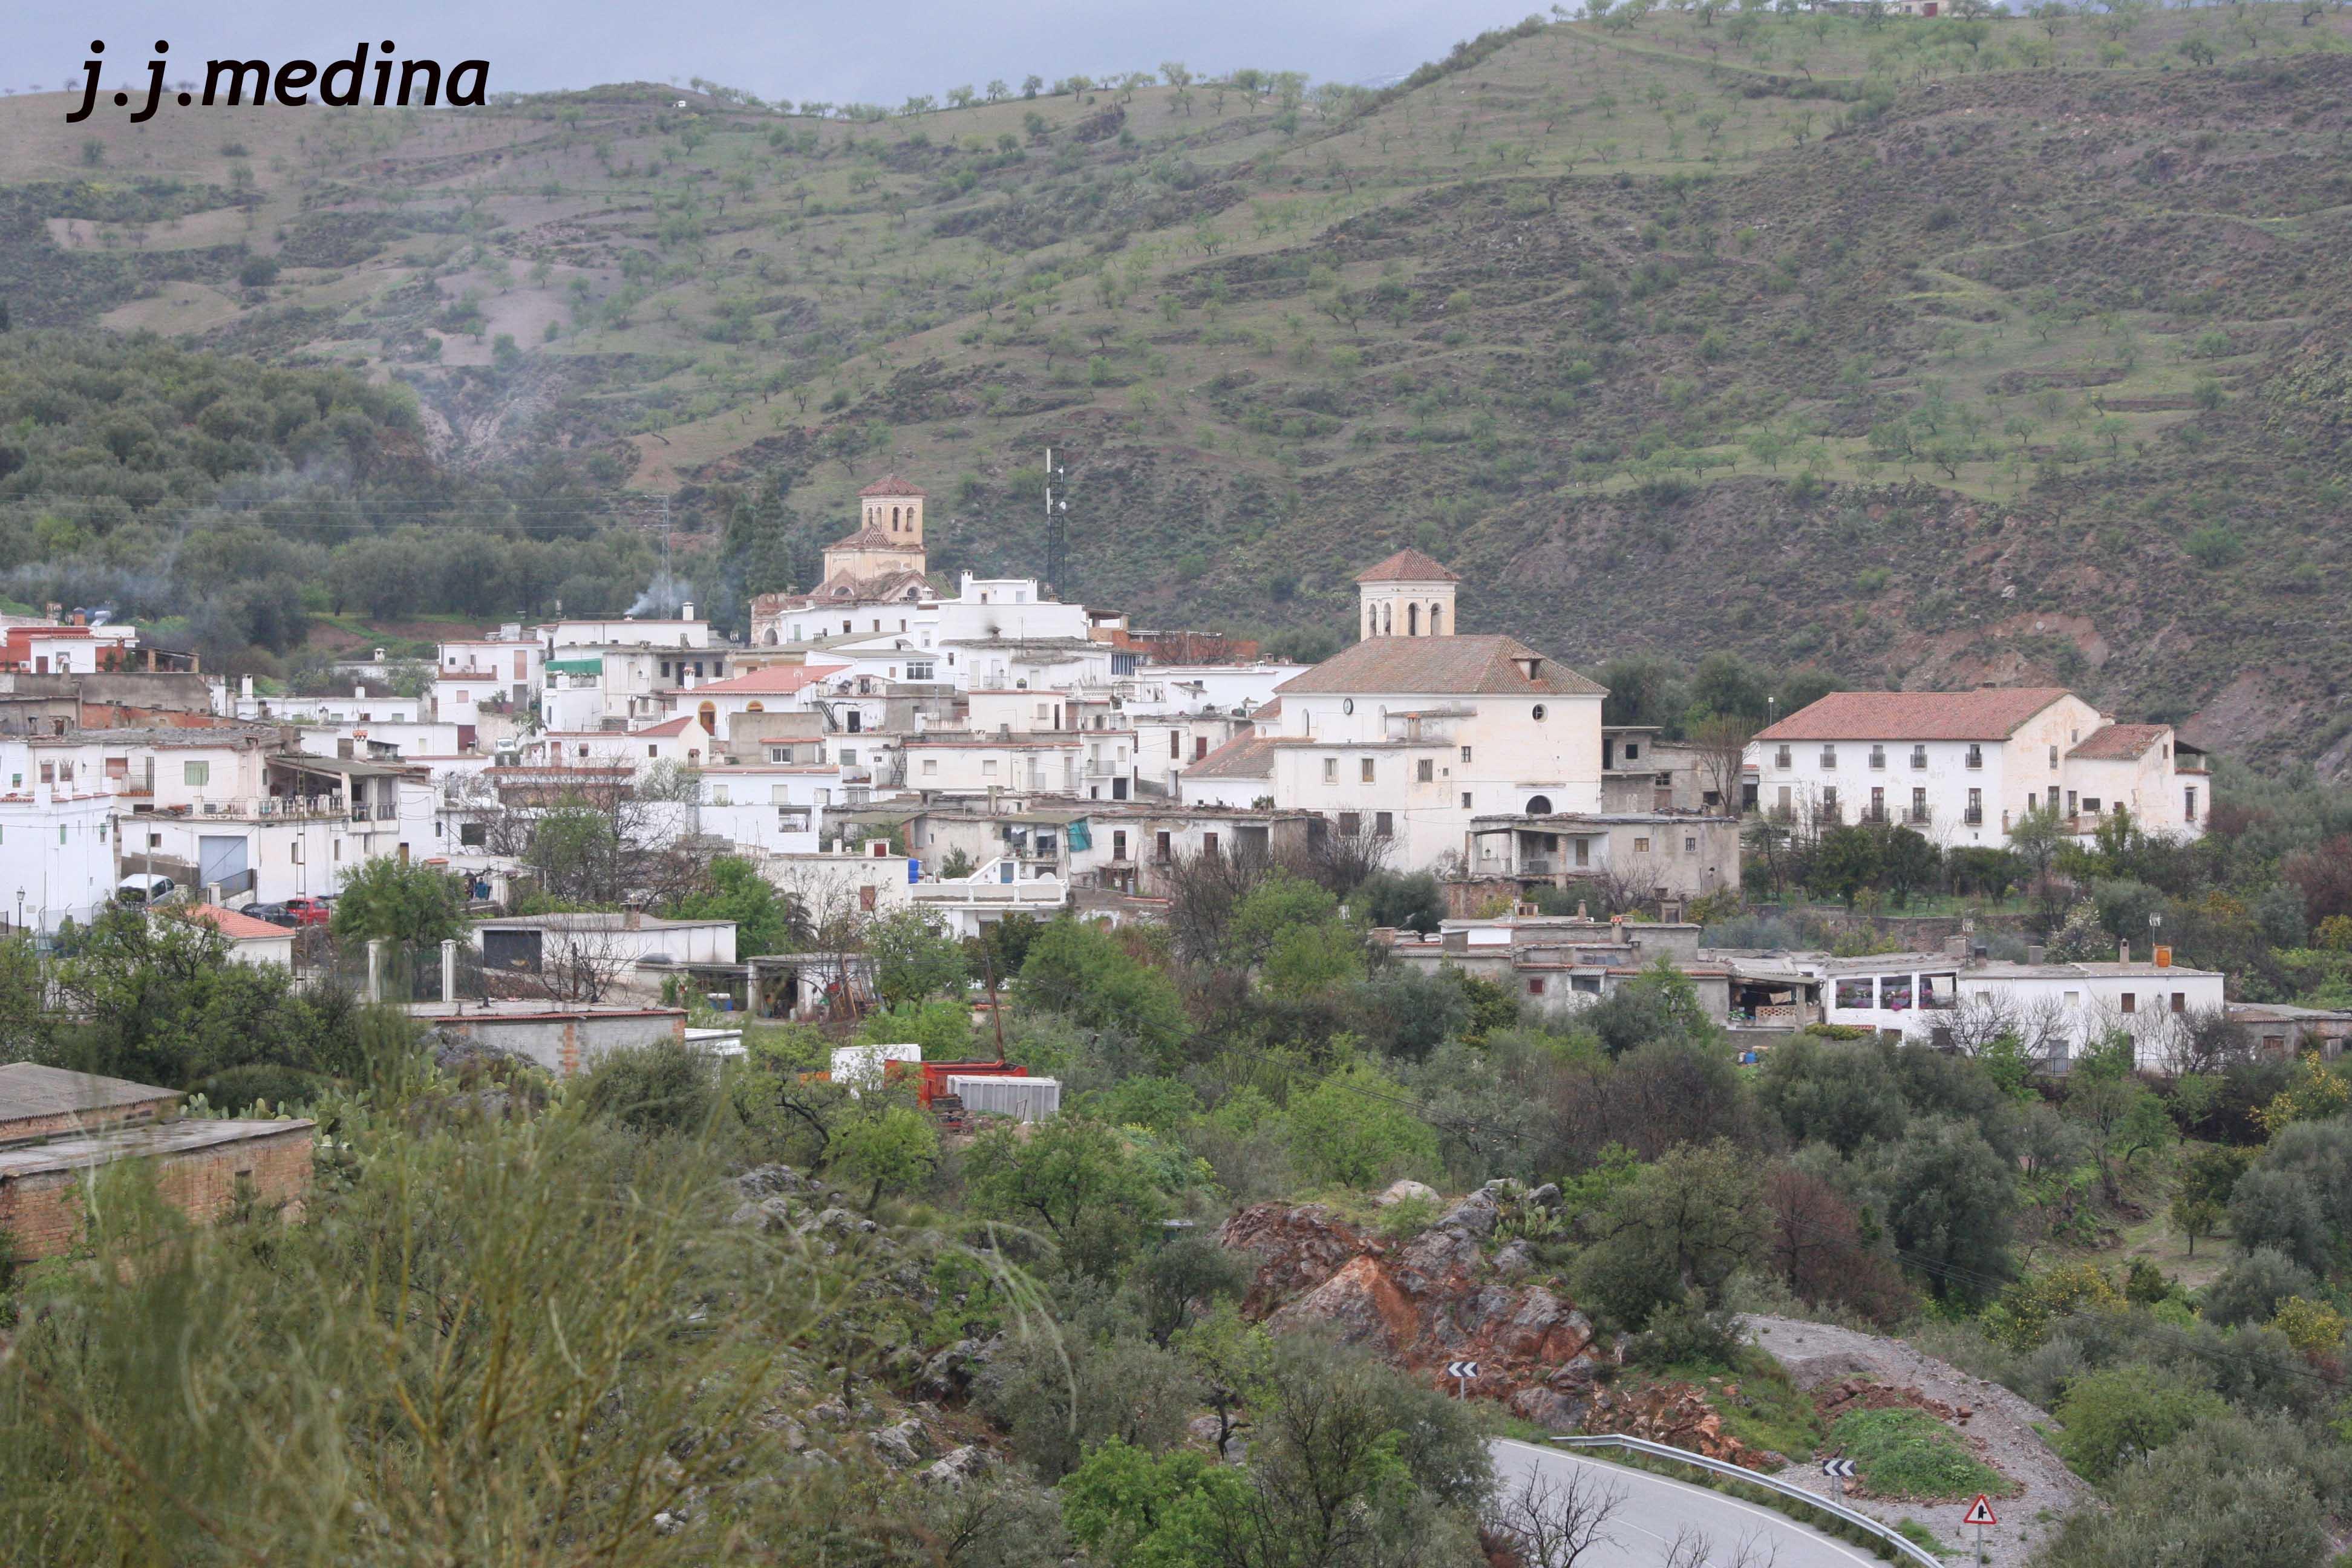 M s lluvia en ug jar la p gina de motor de jjmedina for Medina motors pueblo co